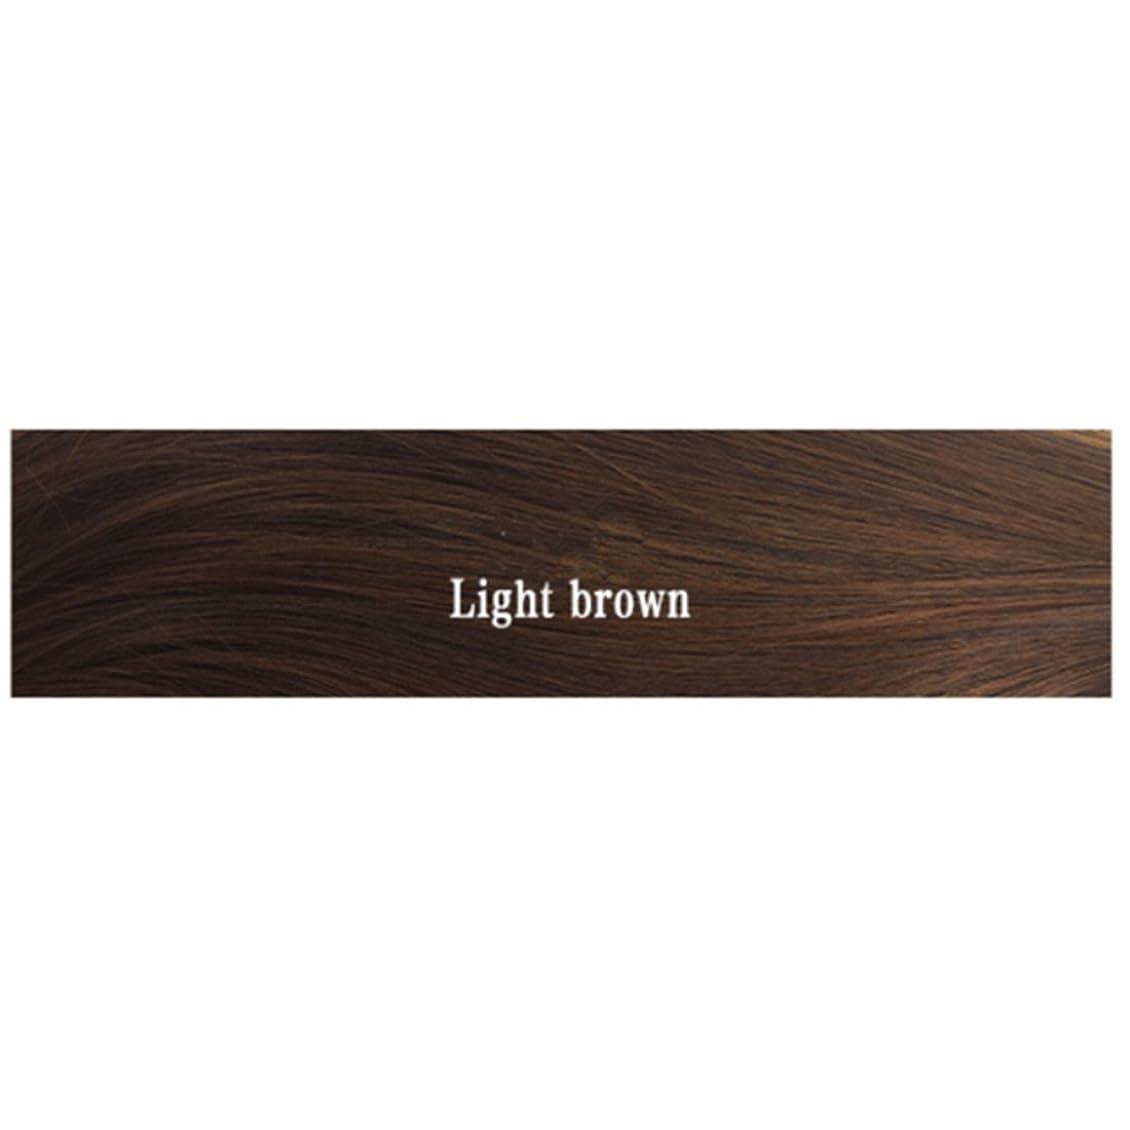 申込みブロンズ傾くJIANFU 女性のためのナチュラルカラーウィッグショートボブ合成完全なヘアウィッグ耐熱短いショートストレートウィッグ35センチメートル (Color : Light brown)